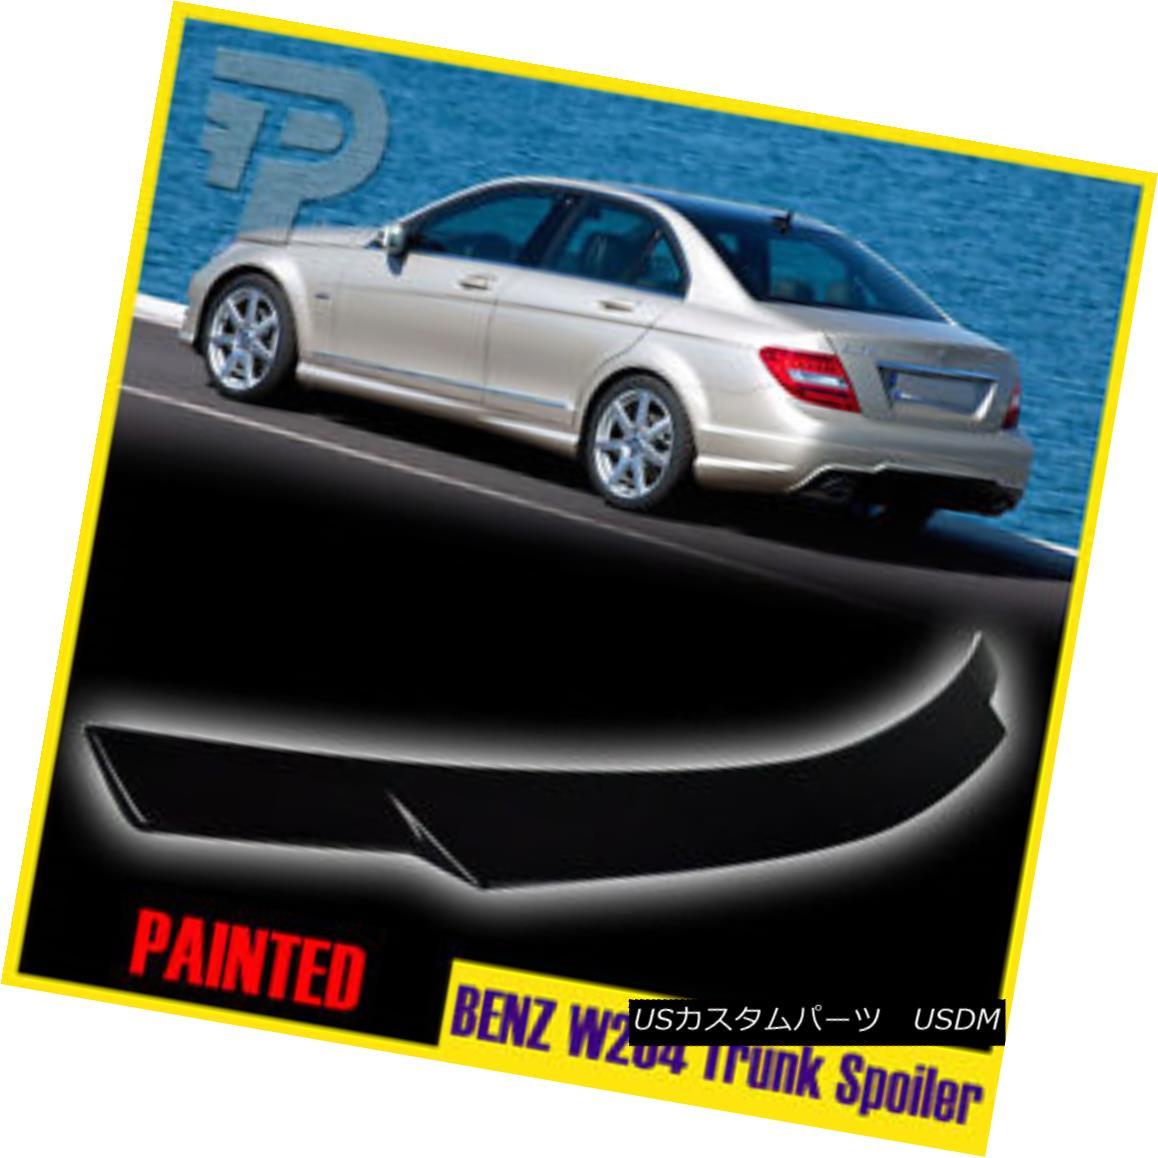 エアロパーツ PAINTED Mercedes BENZ W204 SEDAN V STYLE REAR TRUNK SPOILER ▼ 塗装されたメルセデスベンツW204セダンVスタイル後部トランクスポイラー?